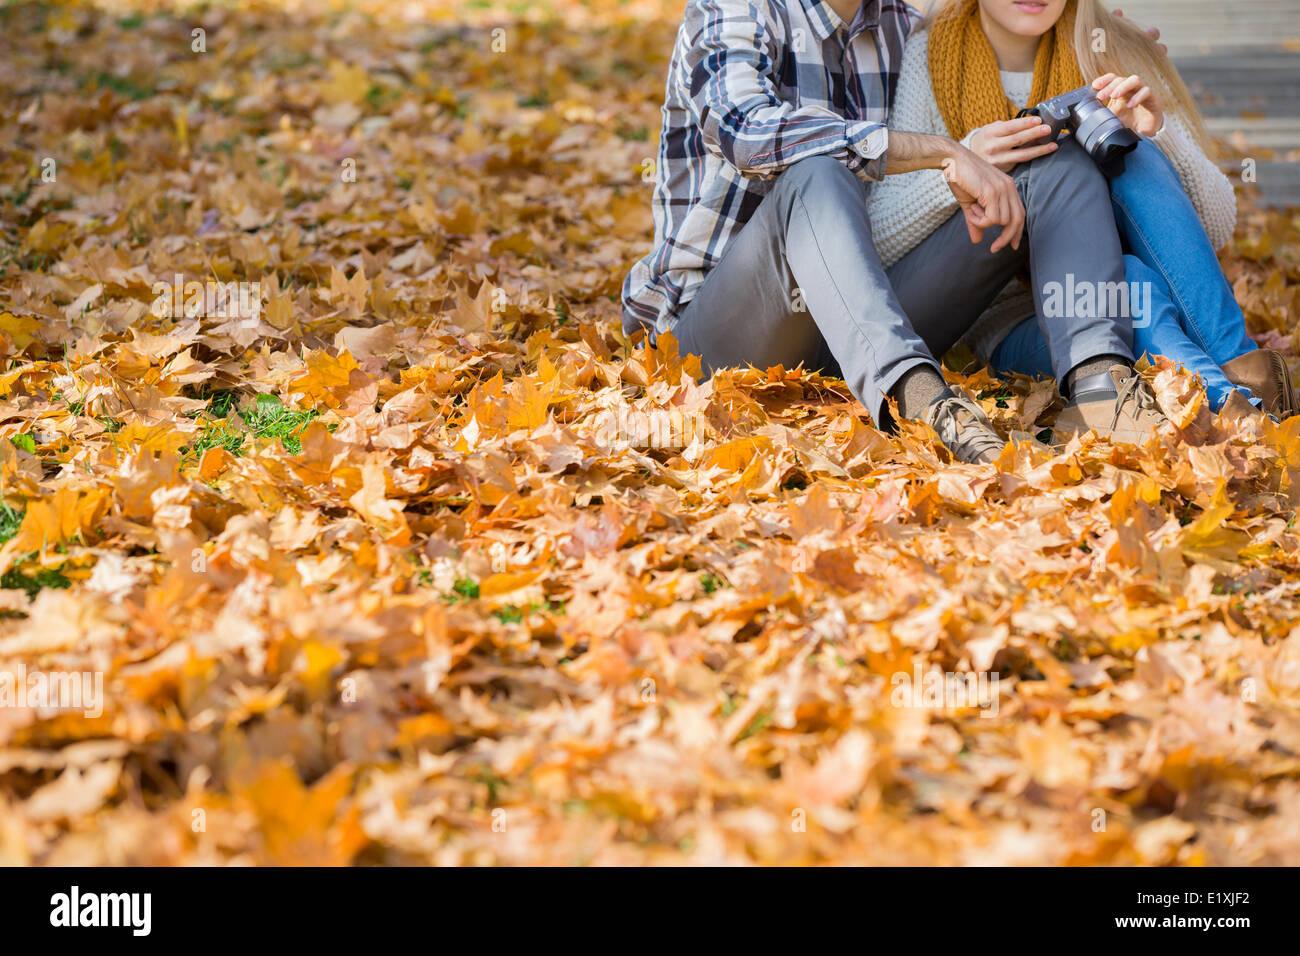 Sezione bassa del giovane con fotocamera seduto su foglie di autunno nel parco Immagini Stock